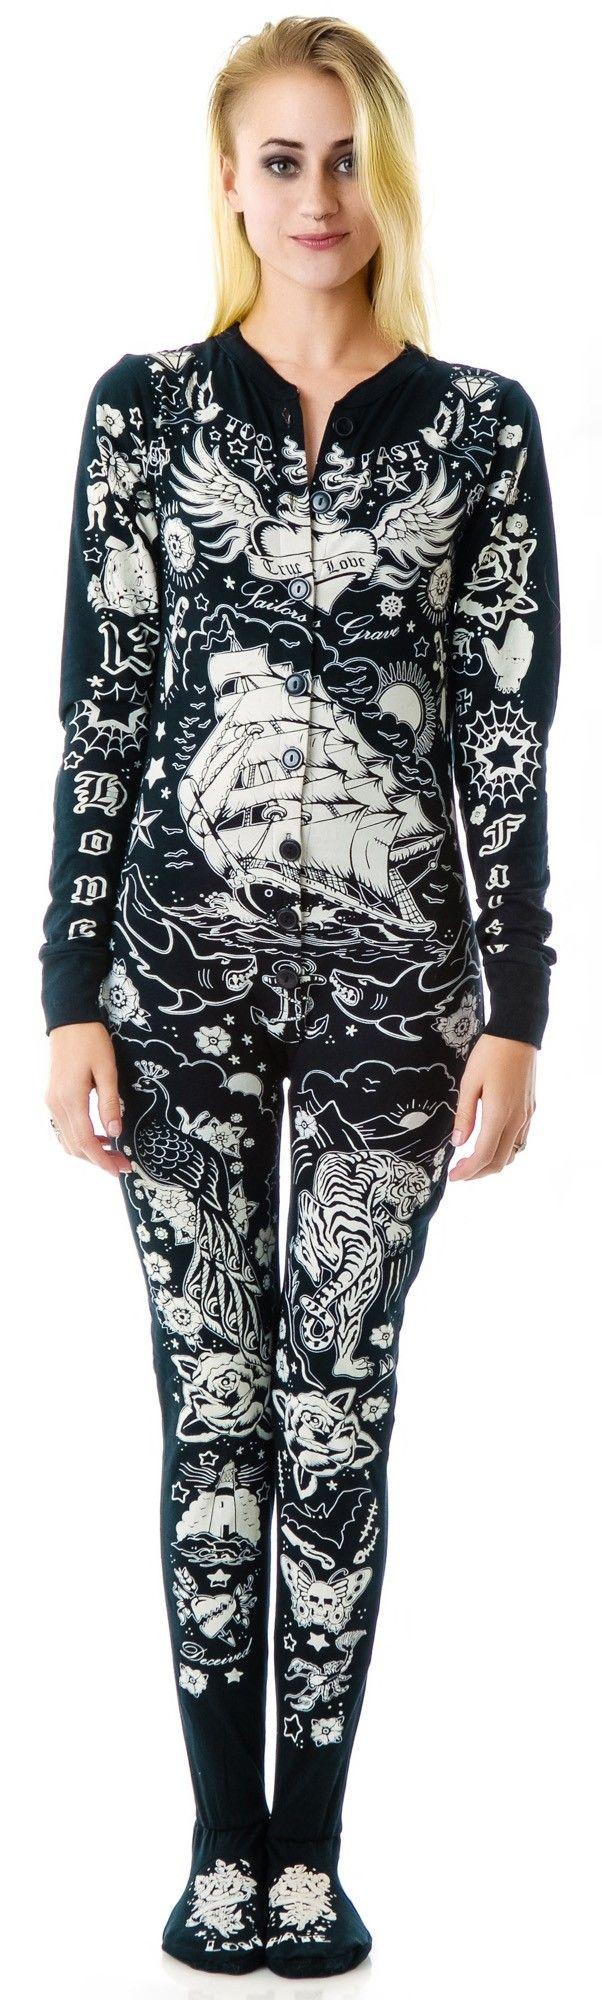 Cute Womens Christmas Pajamas